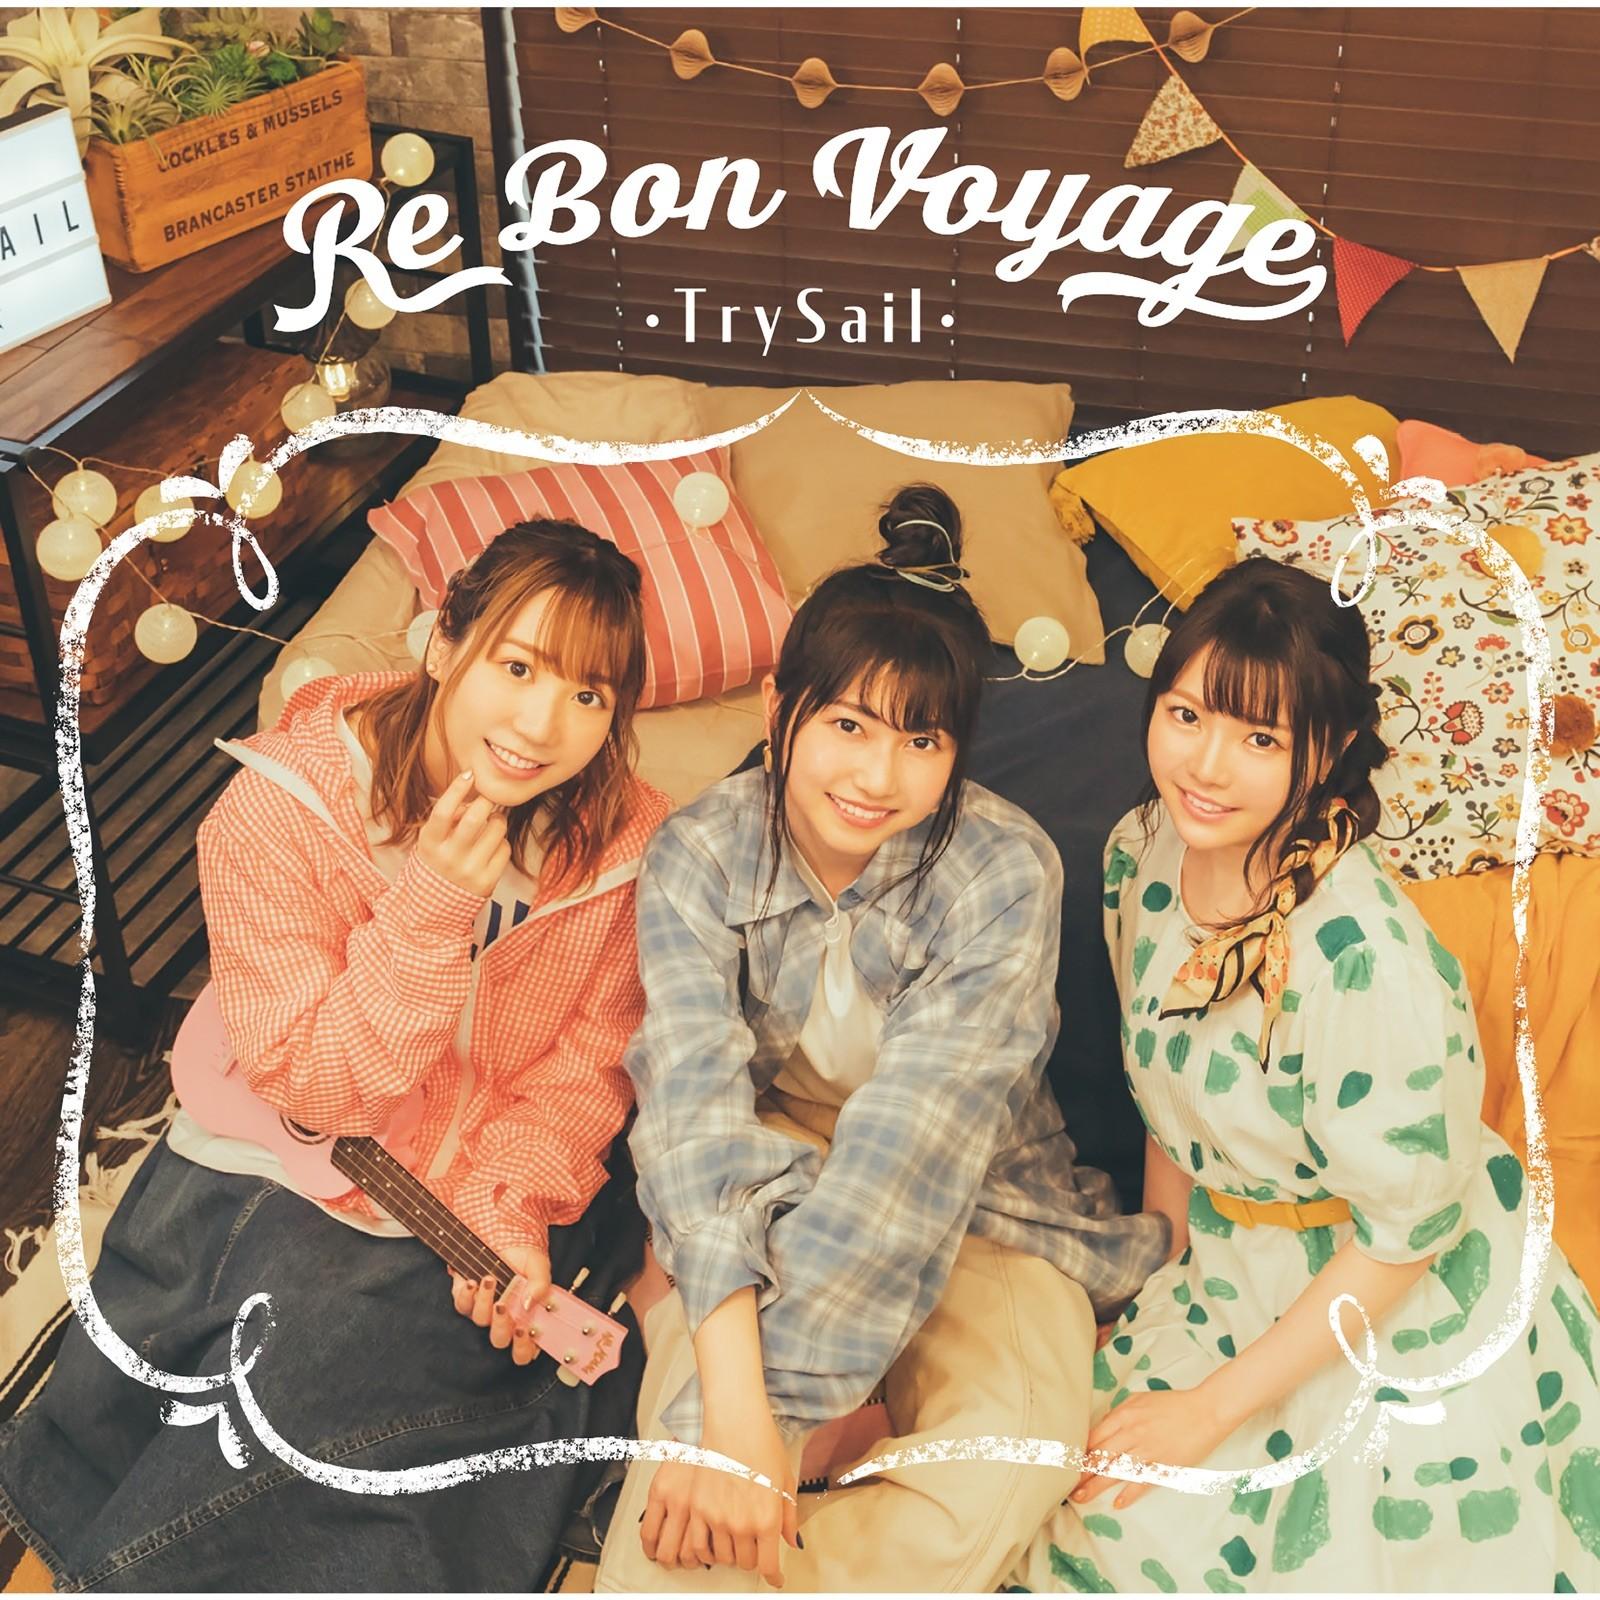 TrySail – Re Bon Voyage [FLAC + MP3 320 / CD] [2021.09.15]